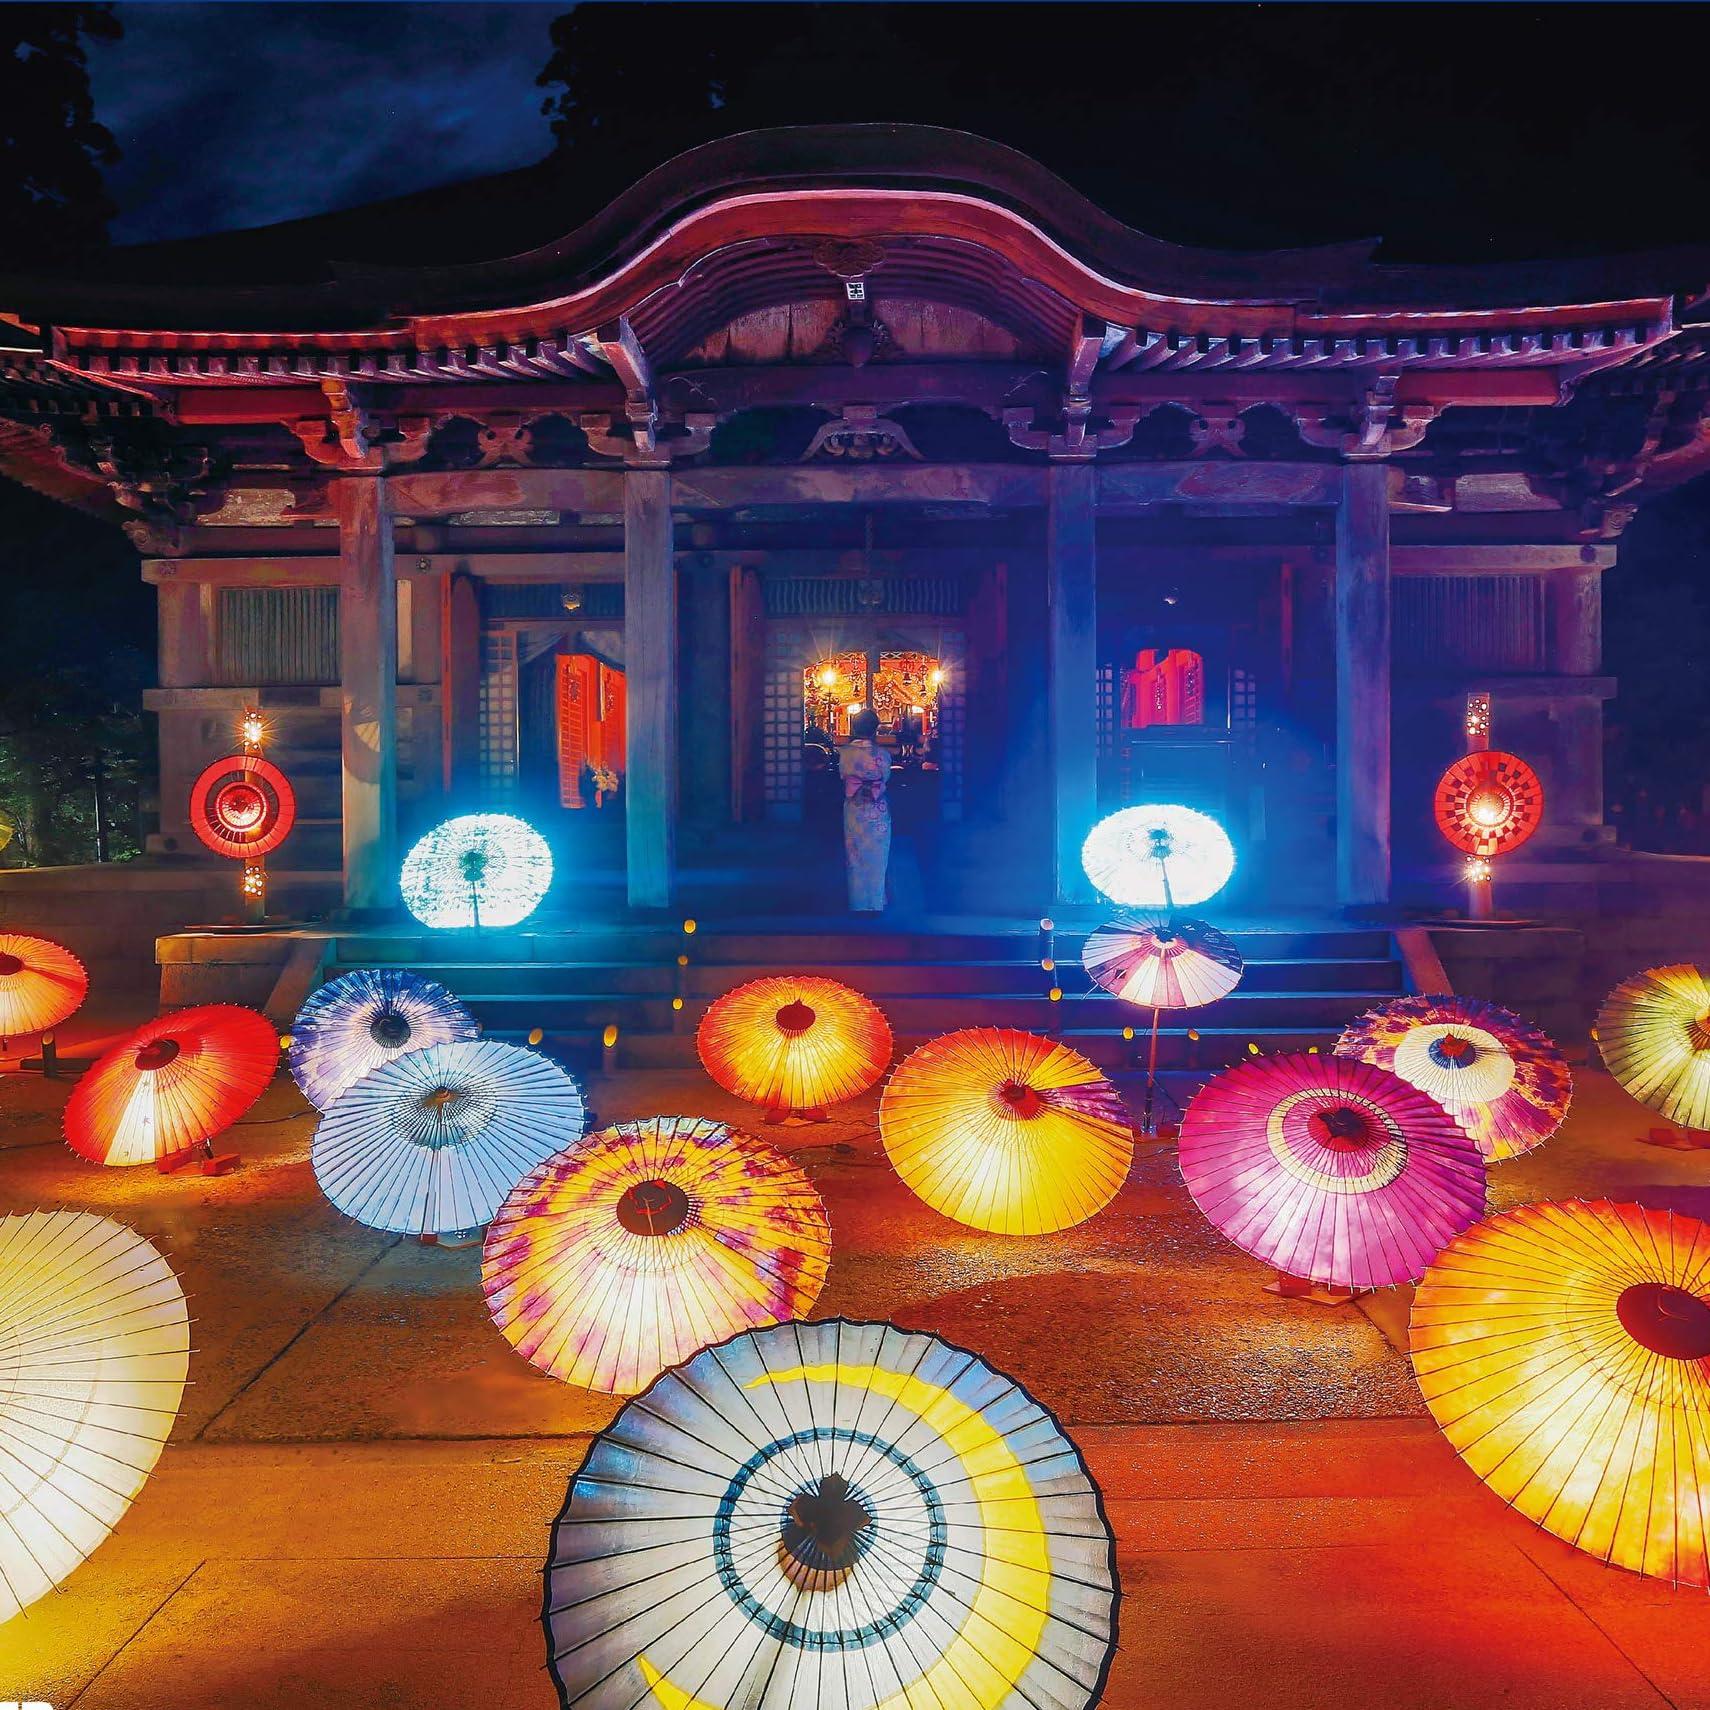 神社 Ipad壁紙 大山の夏祭り お盆の大献灯 その他 スマホ用画像